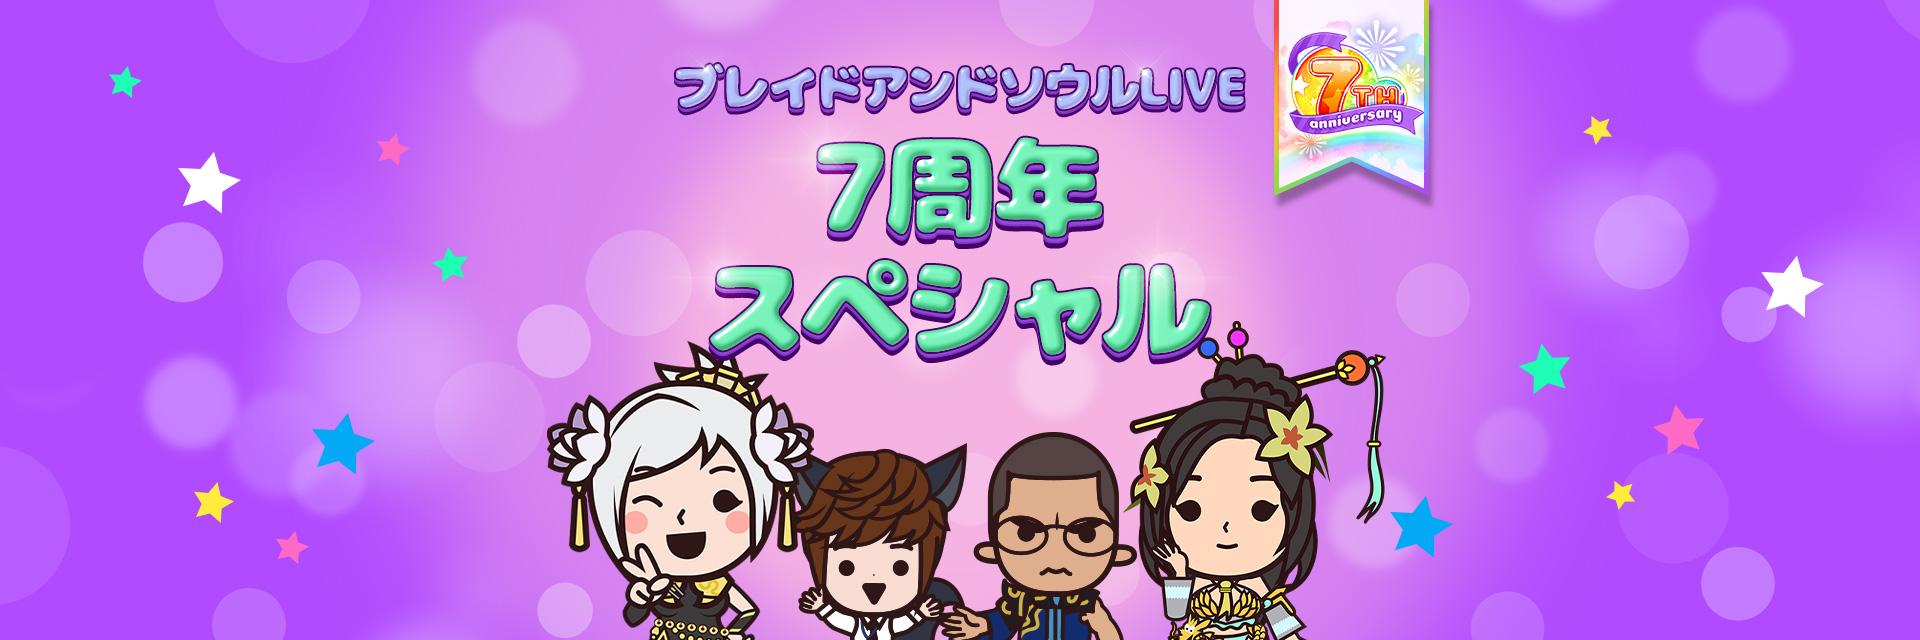 ブレソLIVE7周年スペシャル